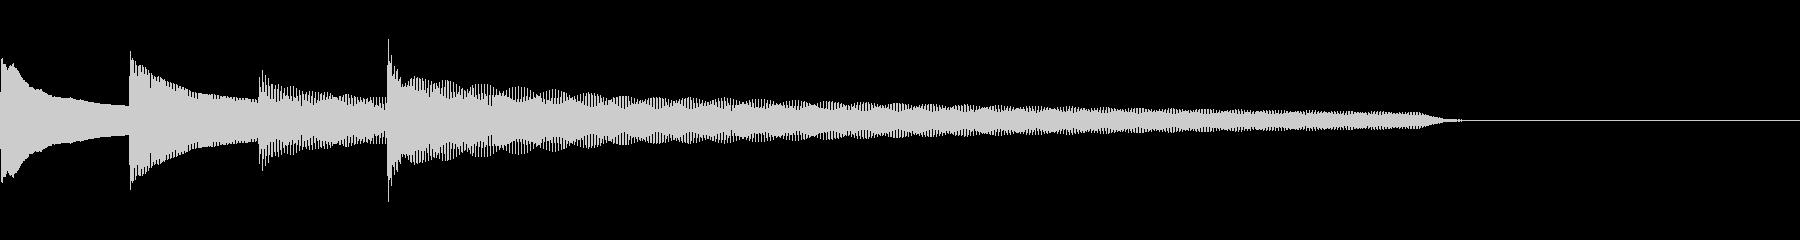 ピンポンパンポン下降チャイムF1の未再生の波形